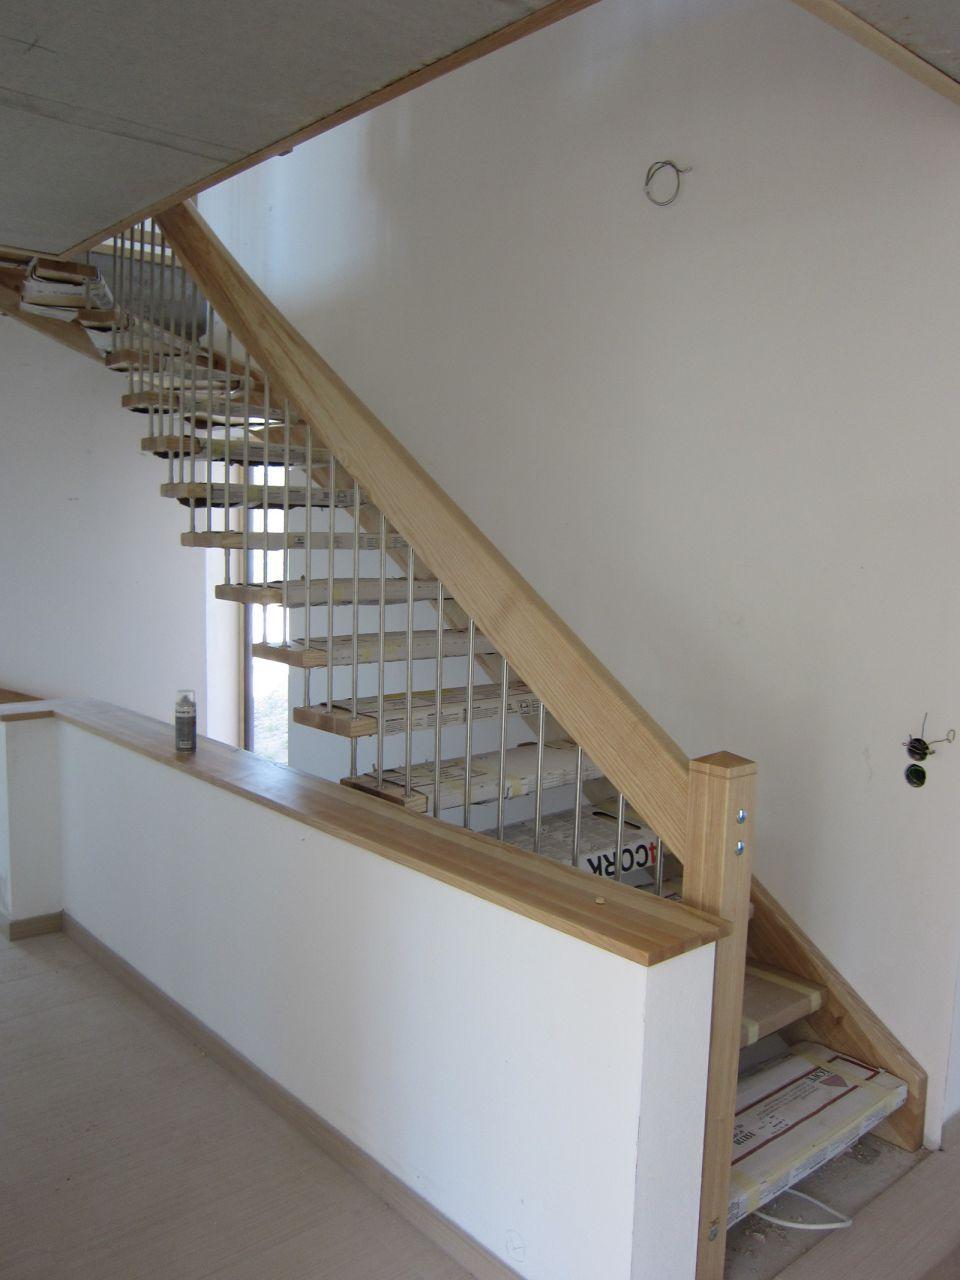 Handlauf Treppe schreinerei weiß martinshöhe1 92277 hohenburg